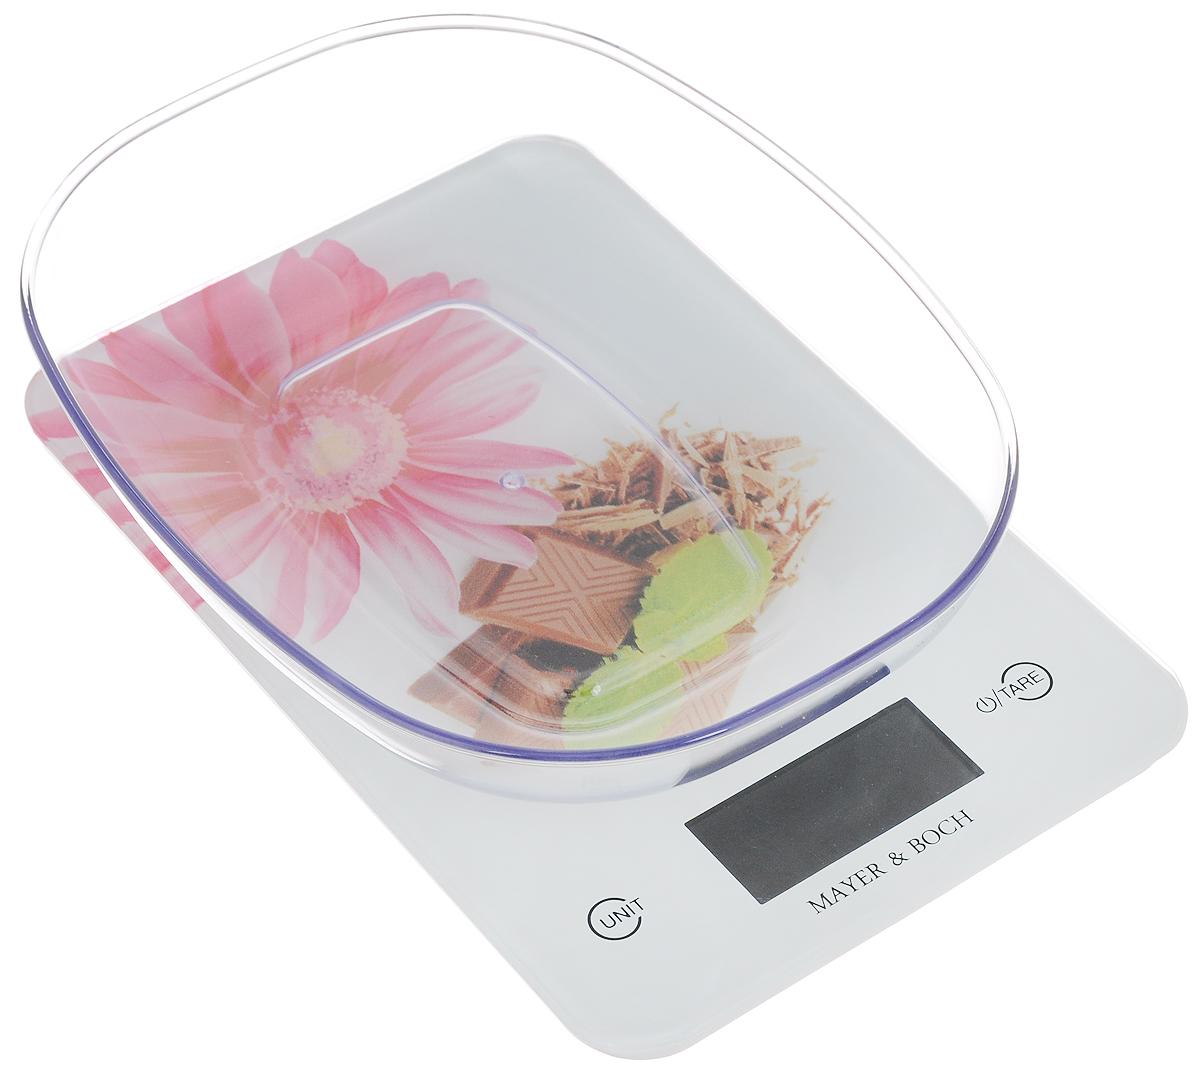 Весы кухонные Mayer & Bosh, с чашей, цвет: белый, розовый, коричневый, до 5 кг. 1096010960Кухонные весы Mayer & Boch изготовлены из высококачественного пластика. Изделие оснащено акриловой панелью и съемной чашей. Весы имеют цифровой LCD-дисплей с функцией автоматического отключения и тарокомпенсации, а также мощный процессор и тензометрический датчик высокой прочности. Кухонные весы Mayer & Boch пригодятся на любой кухне и станут прекрасным дополнением к набору вашей мелкой бытовой техники. Используя их, вы сможете готовить блюда, точно следуя предложенной рецептуре, что немаловажно при приготовлении сложных блюд, соусов и выпечки. Оригинальные, с ярким дизайном, такие весы украсят любую кухню и принесут радость каждой хозяйке. Нагрузка: 2 - 5000 г. Питание: ААА х 2 (входят в комплект). Размер весов: 23 х 15 х 1,5 см. Размер чаши: 22 х 17 х 4,5 см.